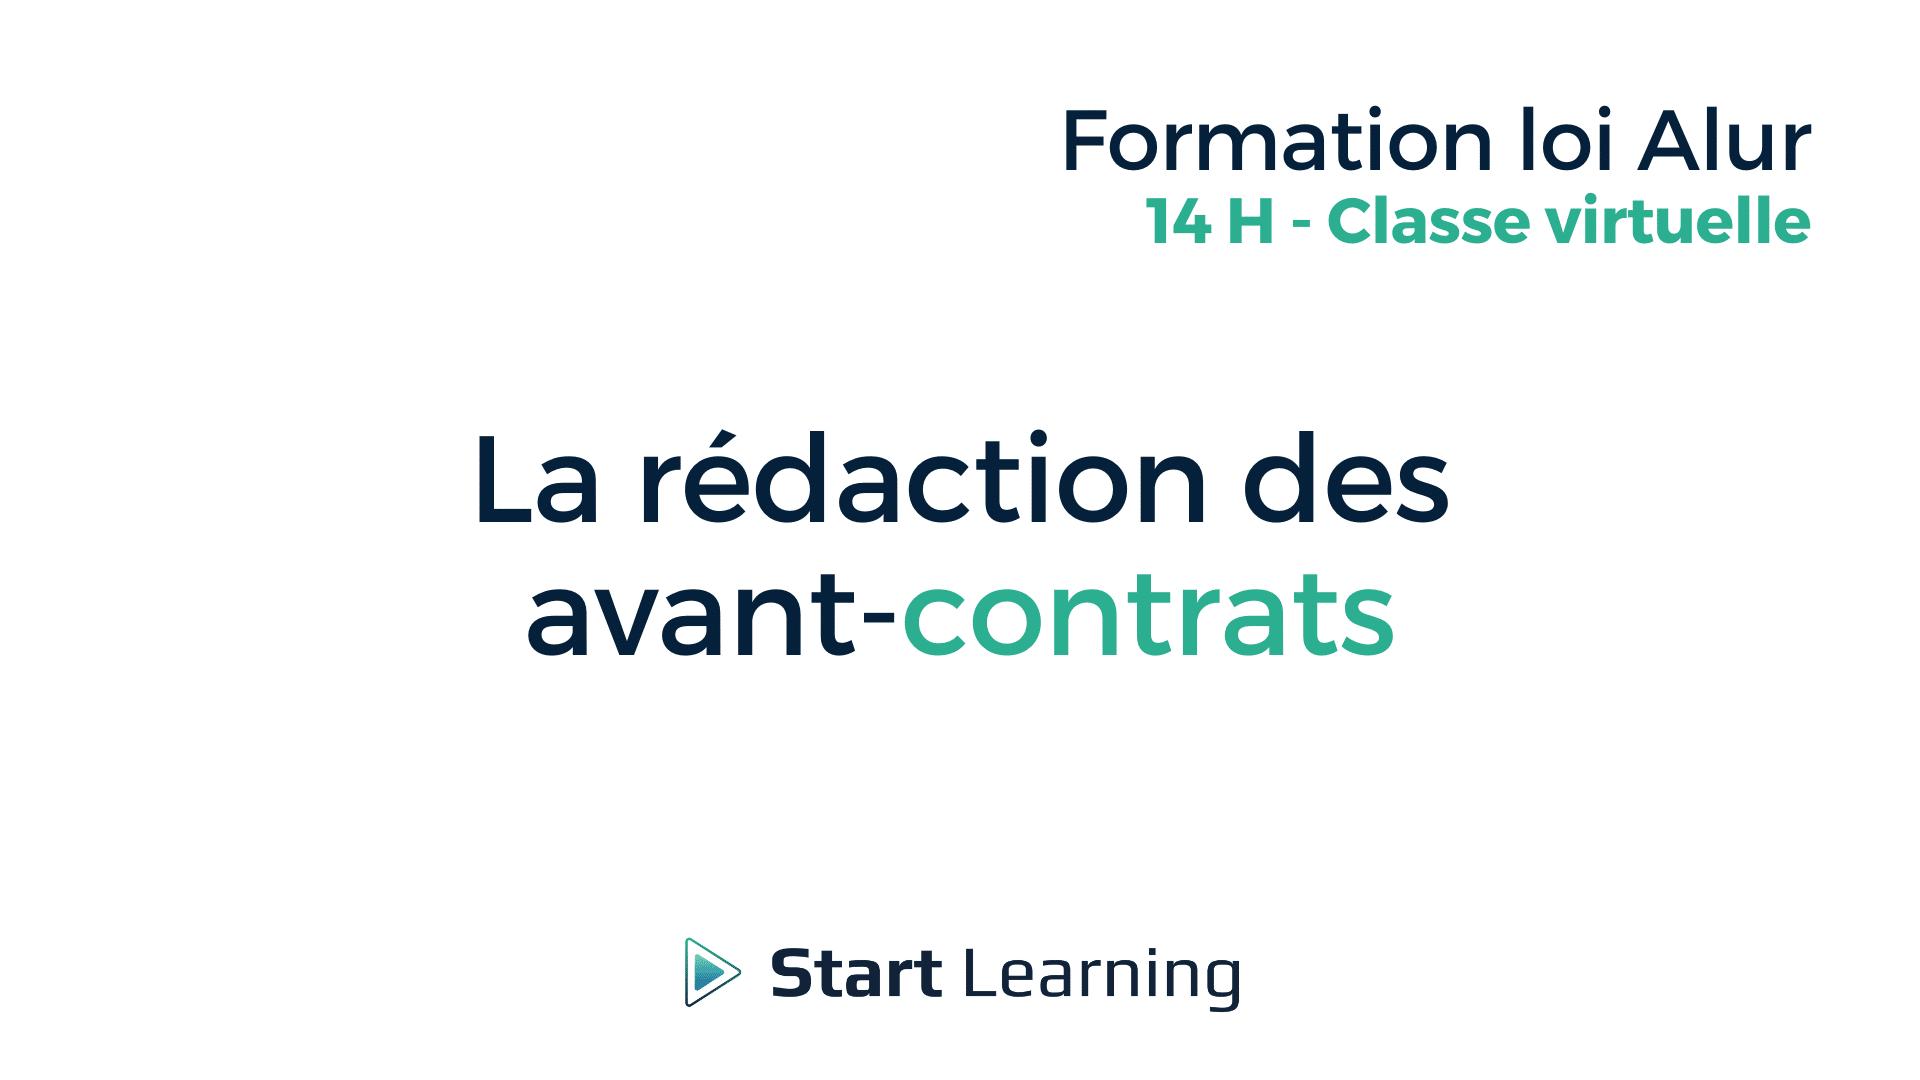 Formation loi Alur en classe virtuelle - La rédaction des avant-contrats